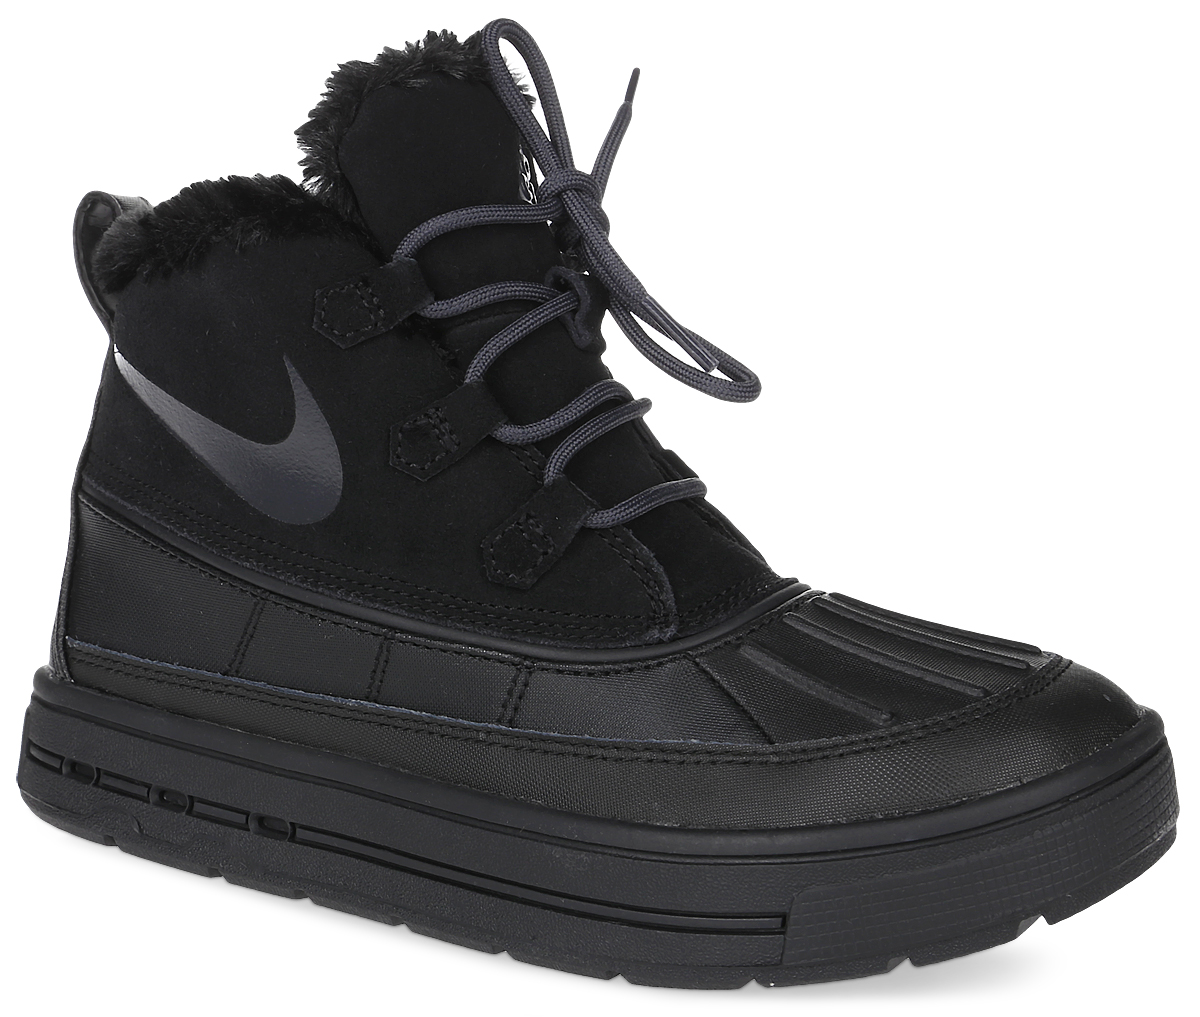 Ботинки детские Nike Woodside Chukka 2 (GS), цвет: черный. 859425-002. Размер 5 (37)859425-002Ботинки Nike Woodside Chukka 2 выполнены из сочетания искусственной и натуральной кожи, дополнена резиновой вставкой. Подкладка изготовлена из искусственного меха. Модель на шнуровке. Вставка phylon по всей длине подошвы обеспечивают мягкую амортизацию. Резиновая подошва оснащена протектором.